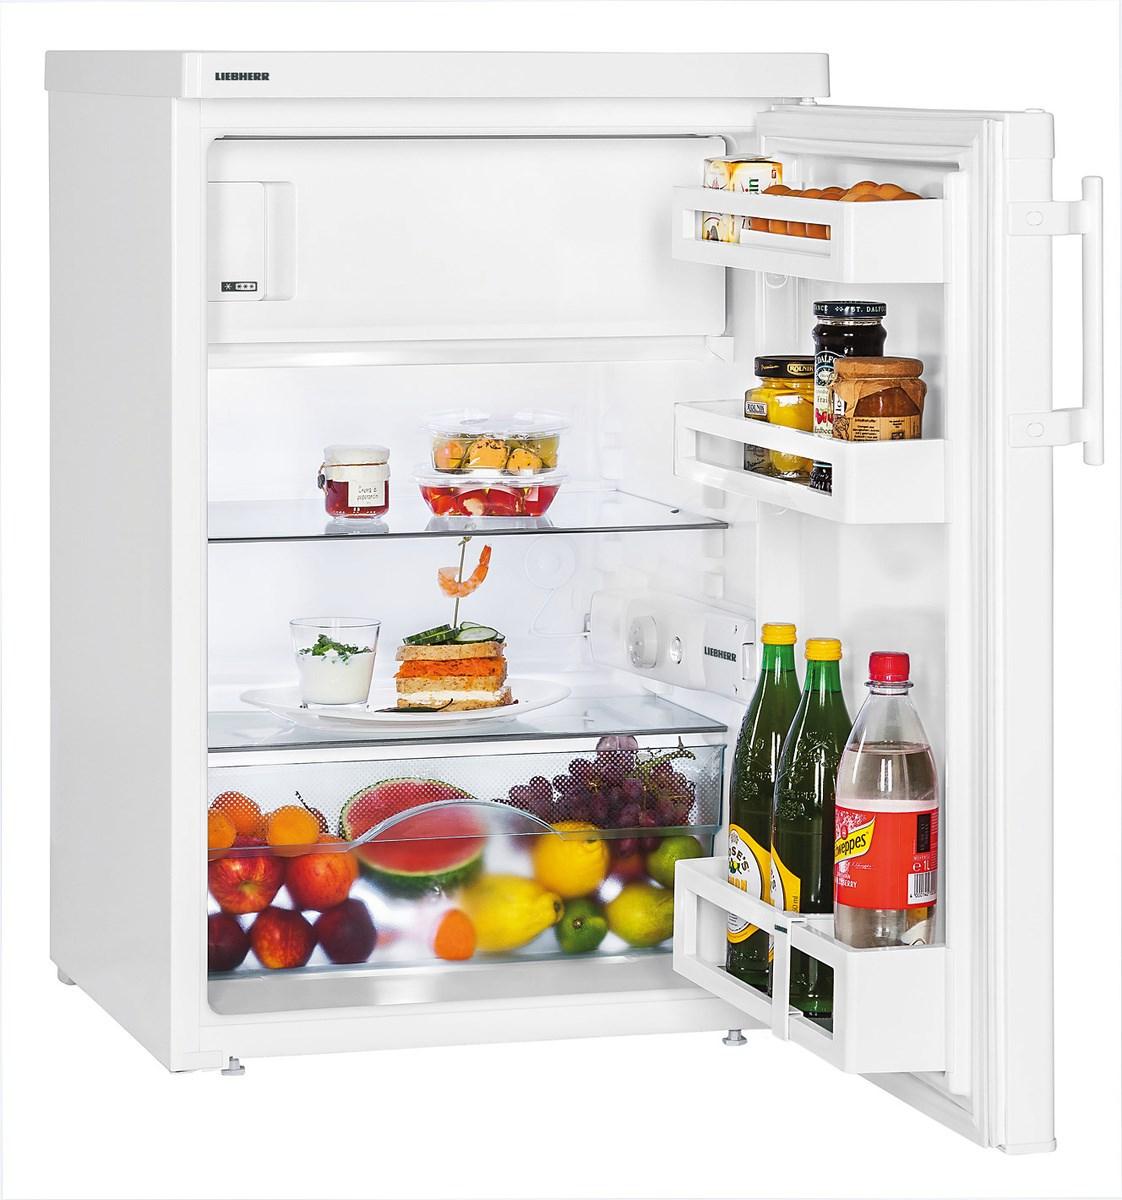 Малогабаритный холодильник Liebherr TP 1514 купить украина